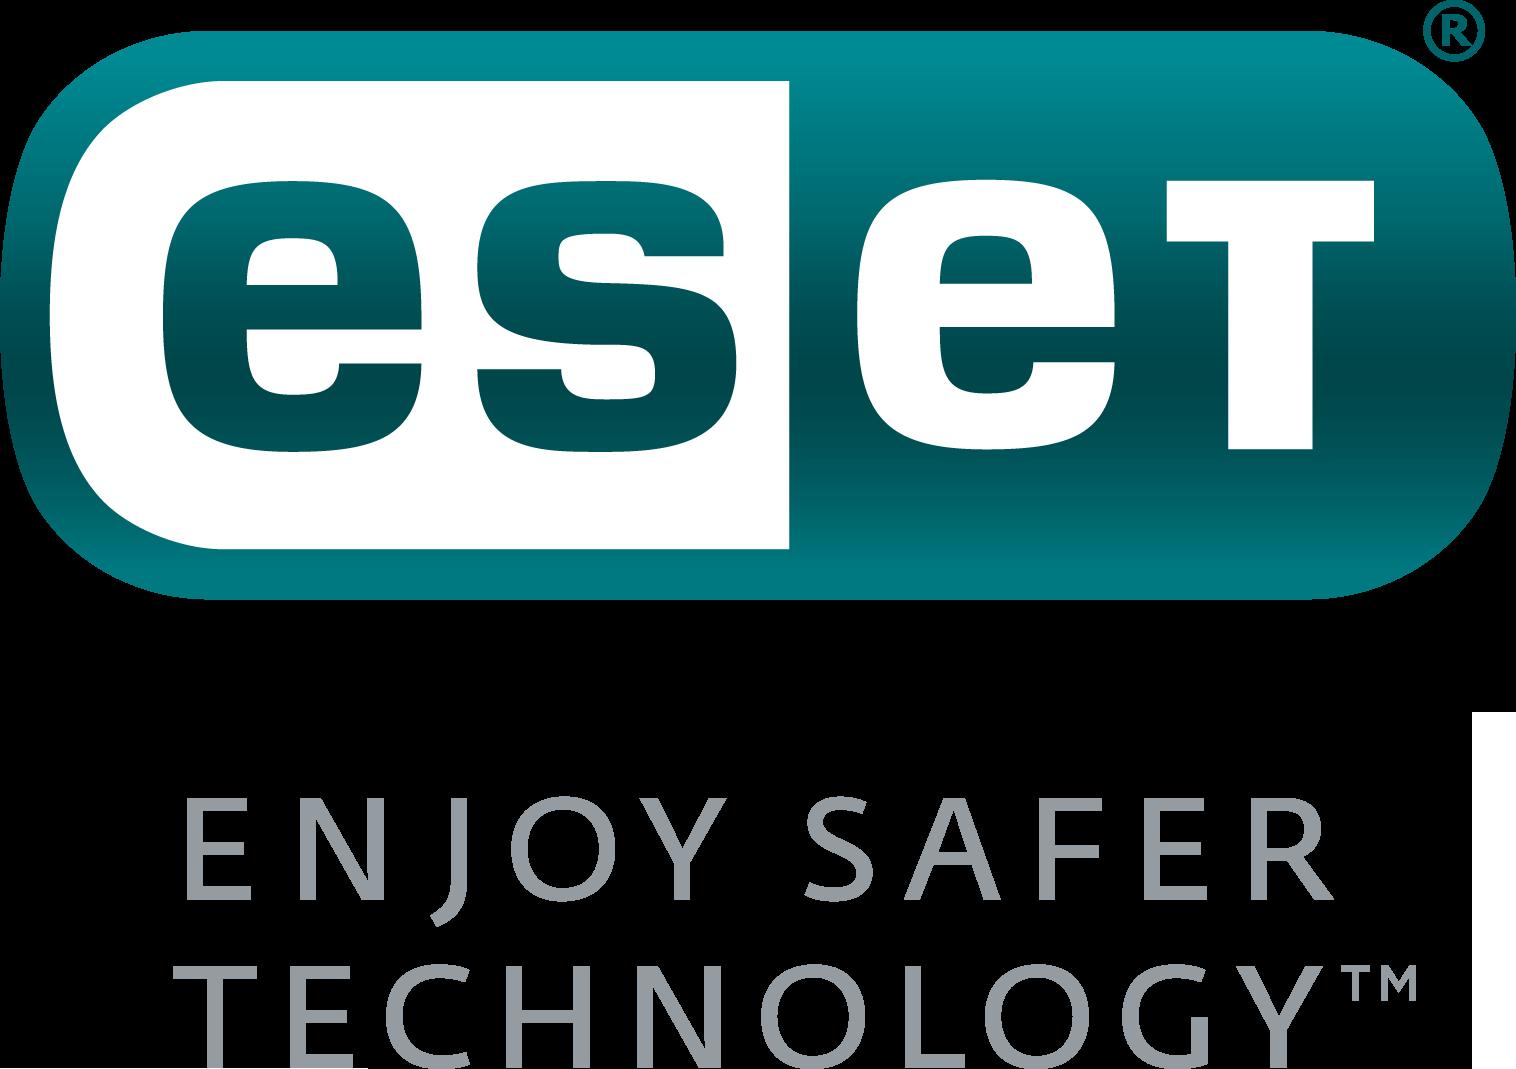 ESET-Lösungen sorgen für eine sichere technologische Welt